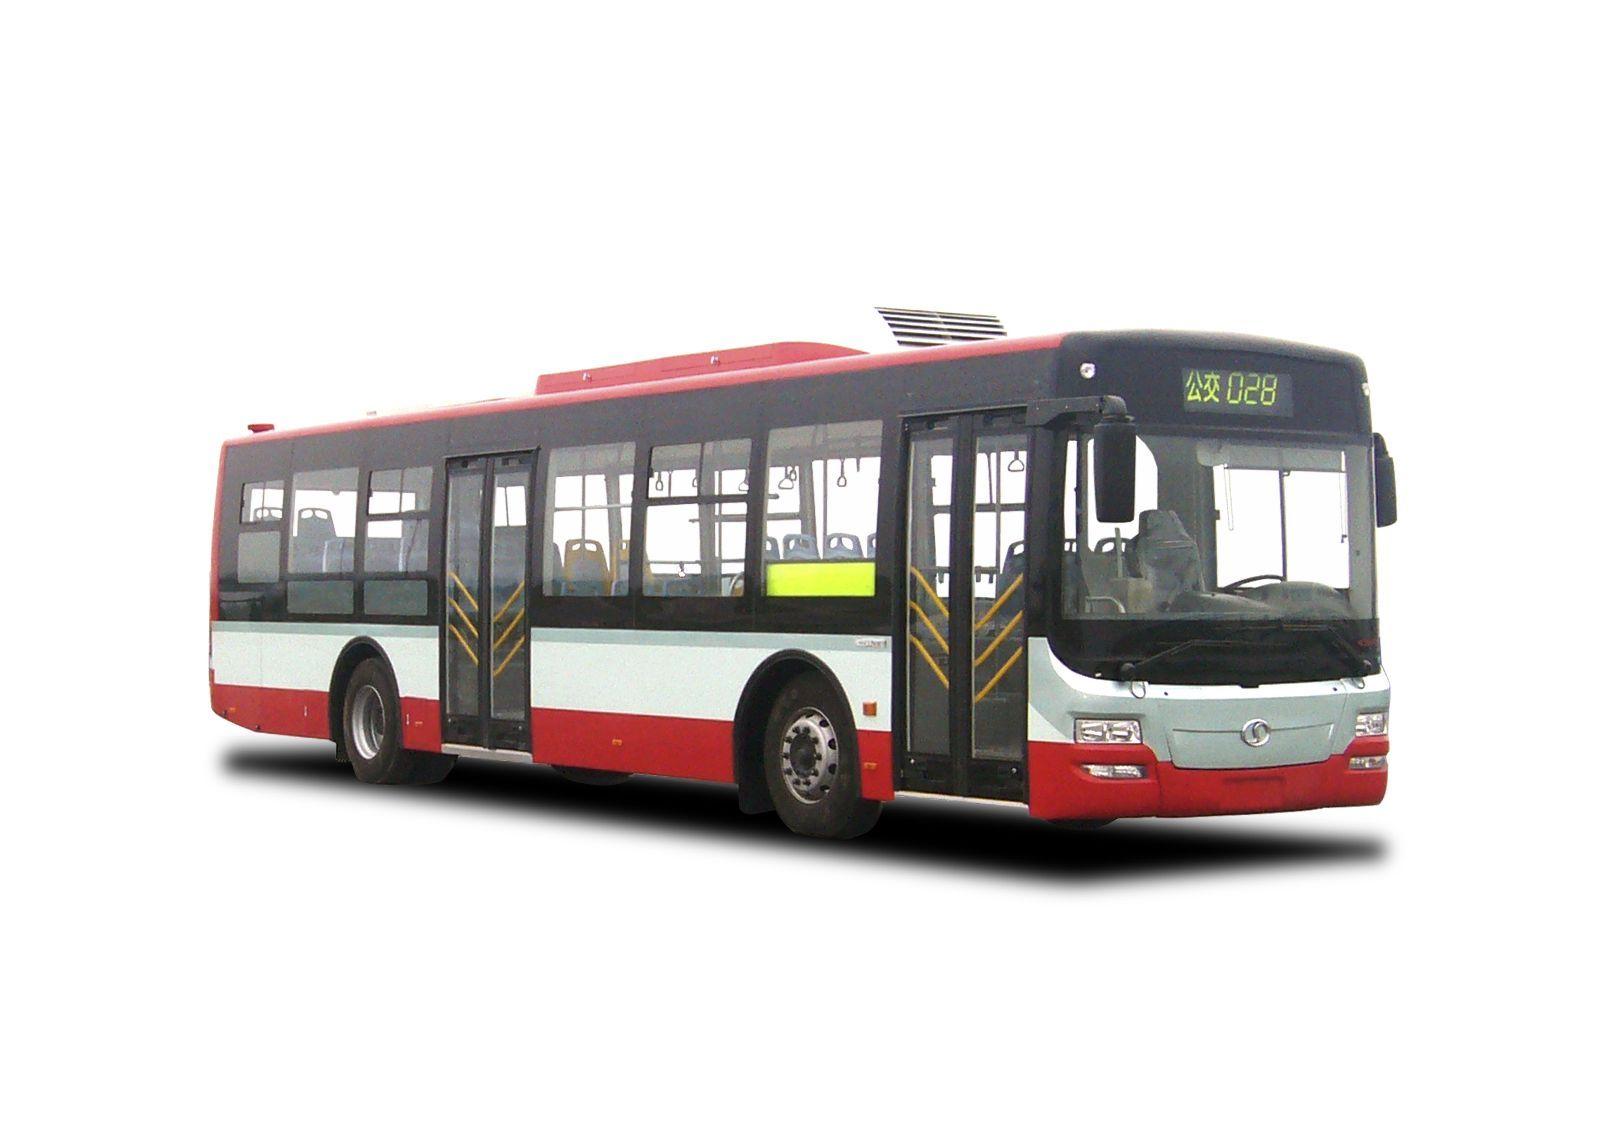 首页 深圳市俊竹科技有限公司 公交车客流统计系统   客流通常也被